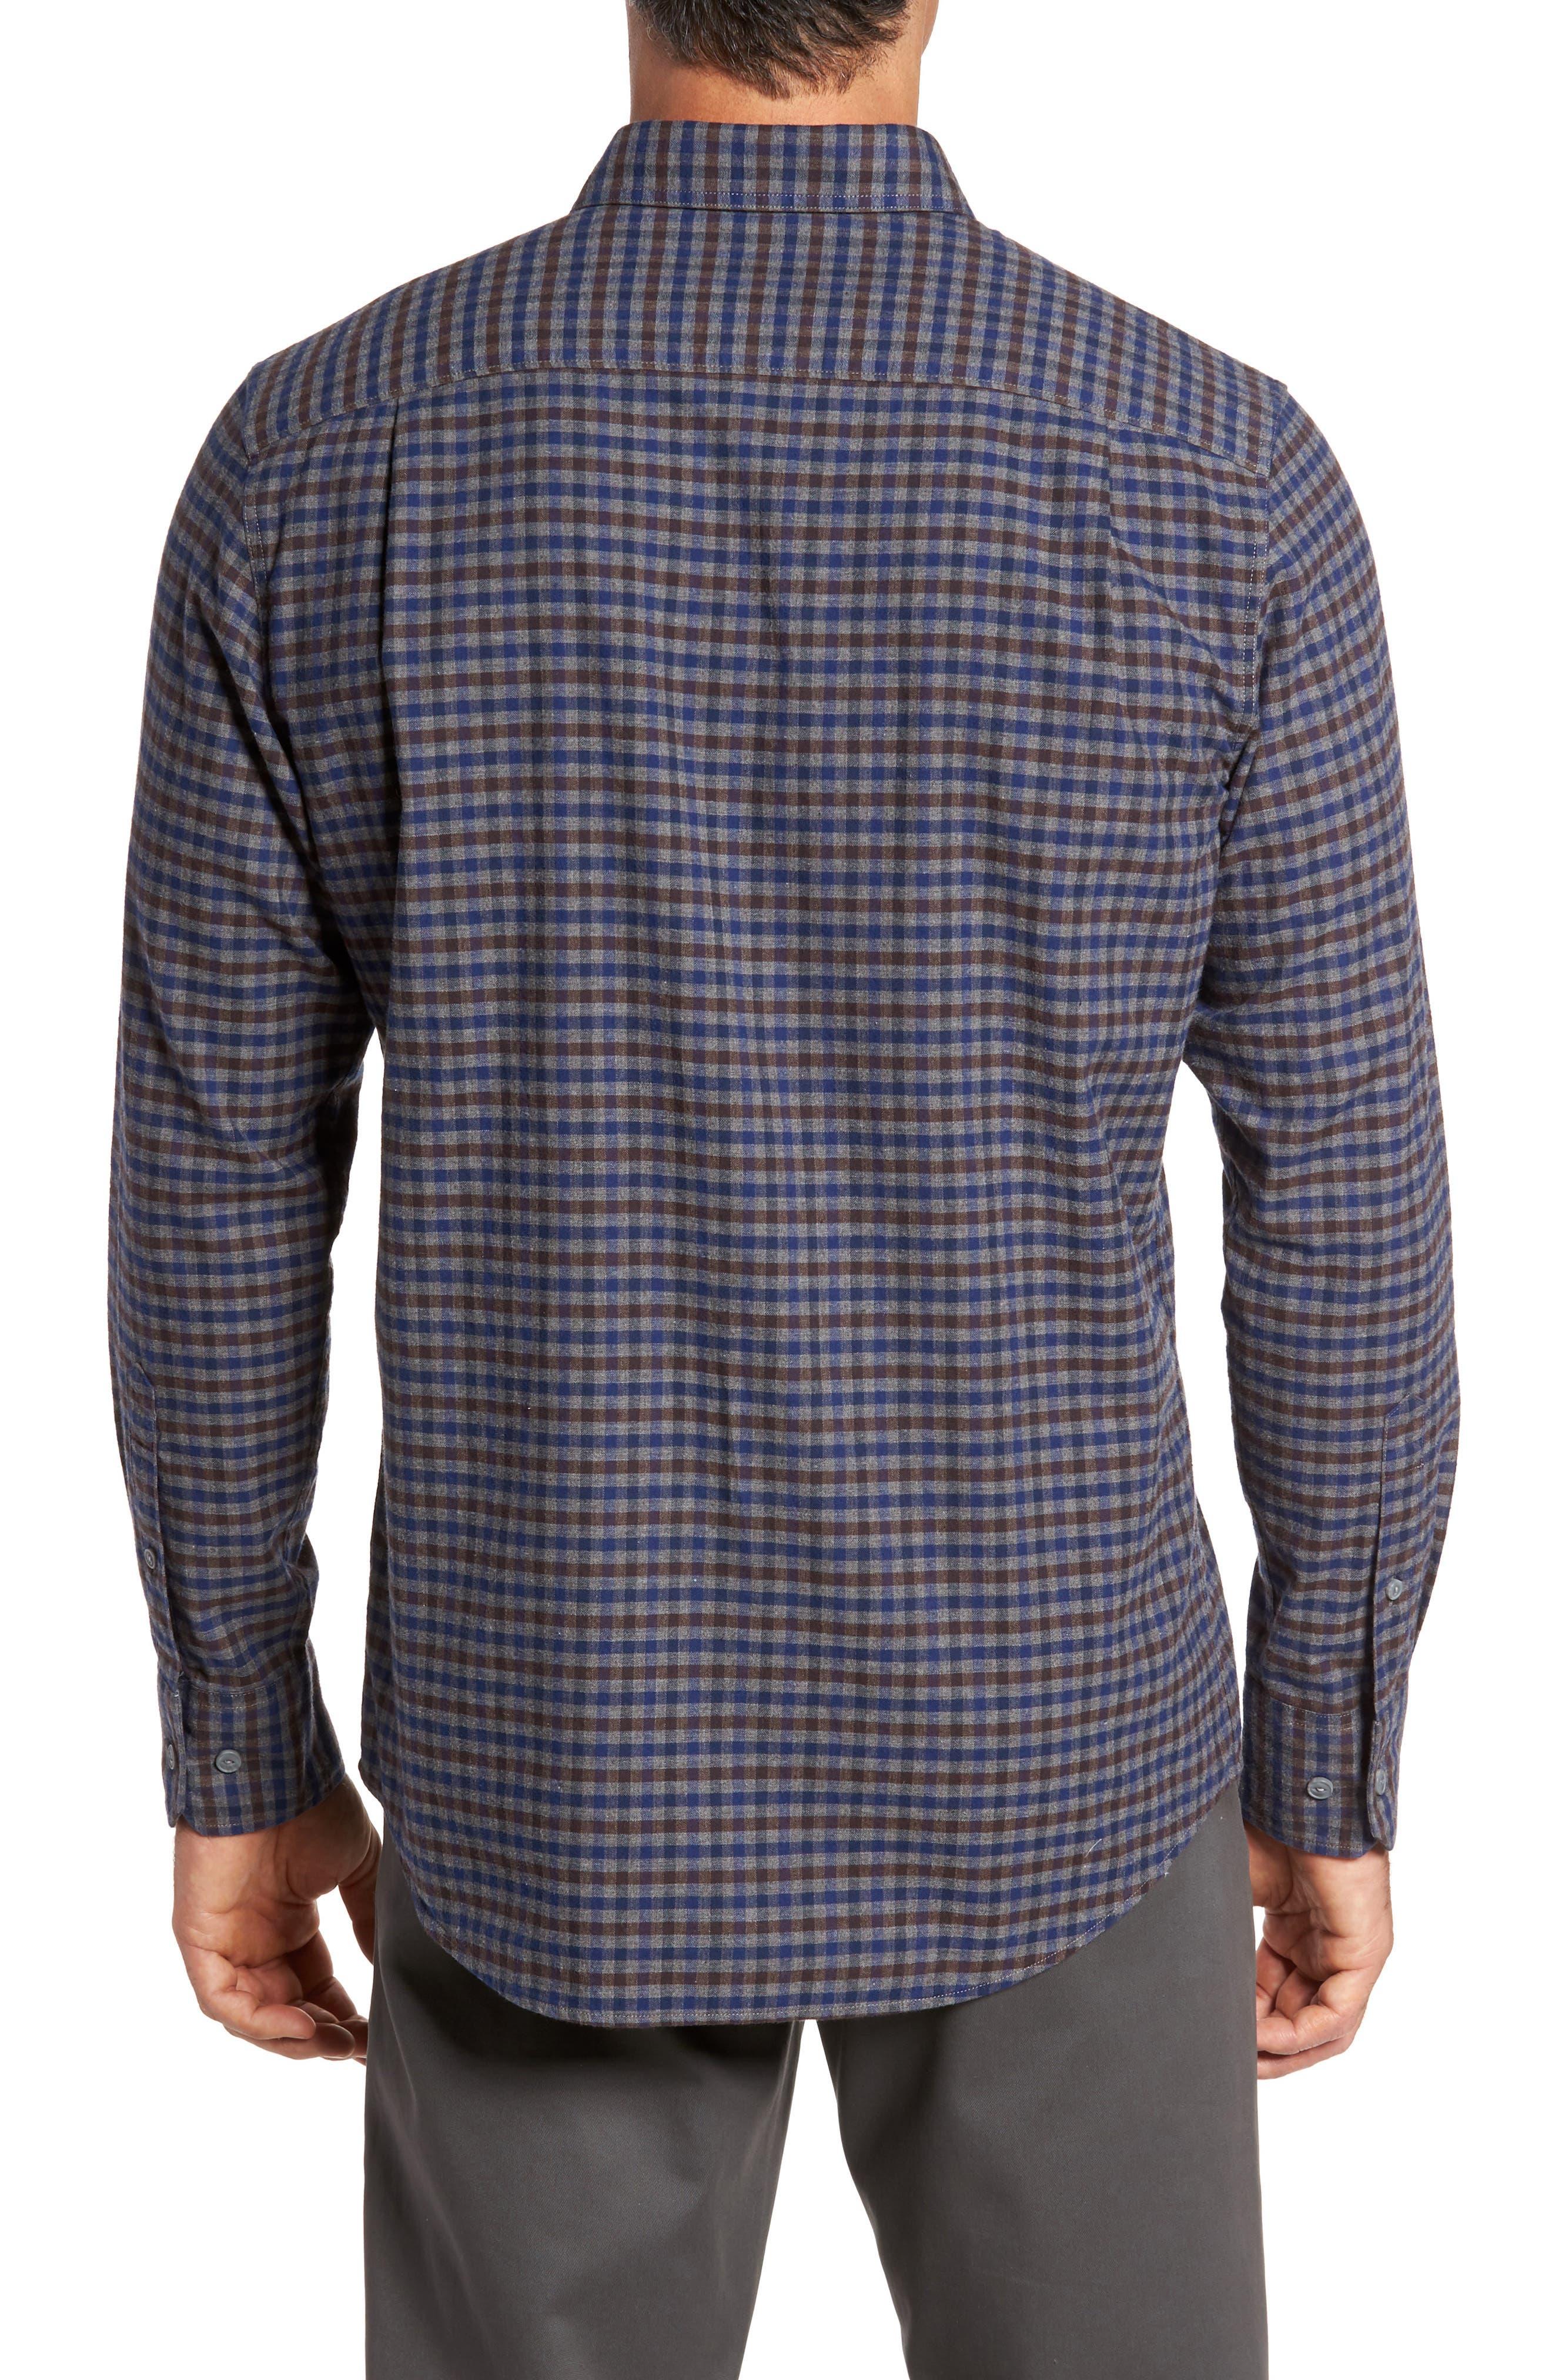 Alternate Image 2  - Nordstrom Men's Shop Regular Fit Lumber Check Flannel Shirt